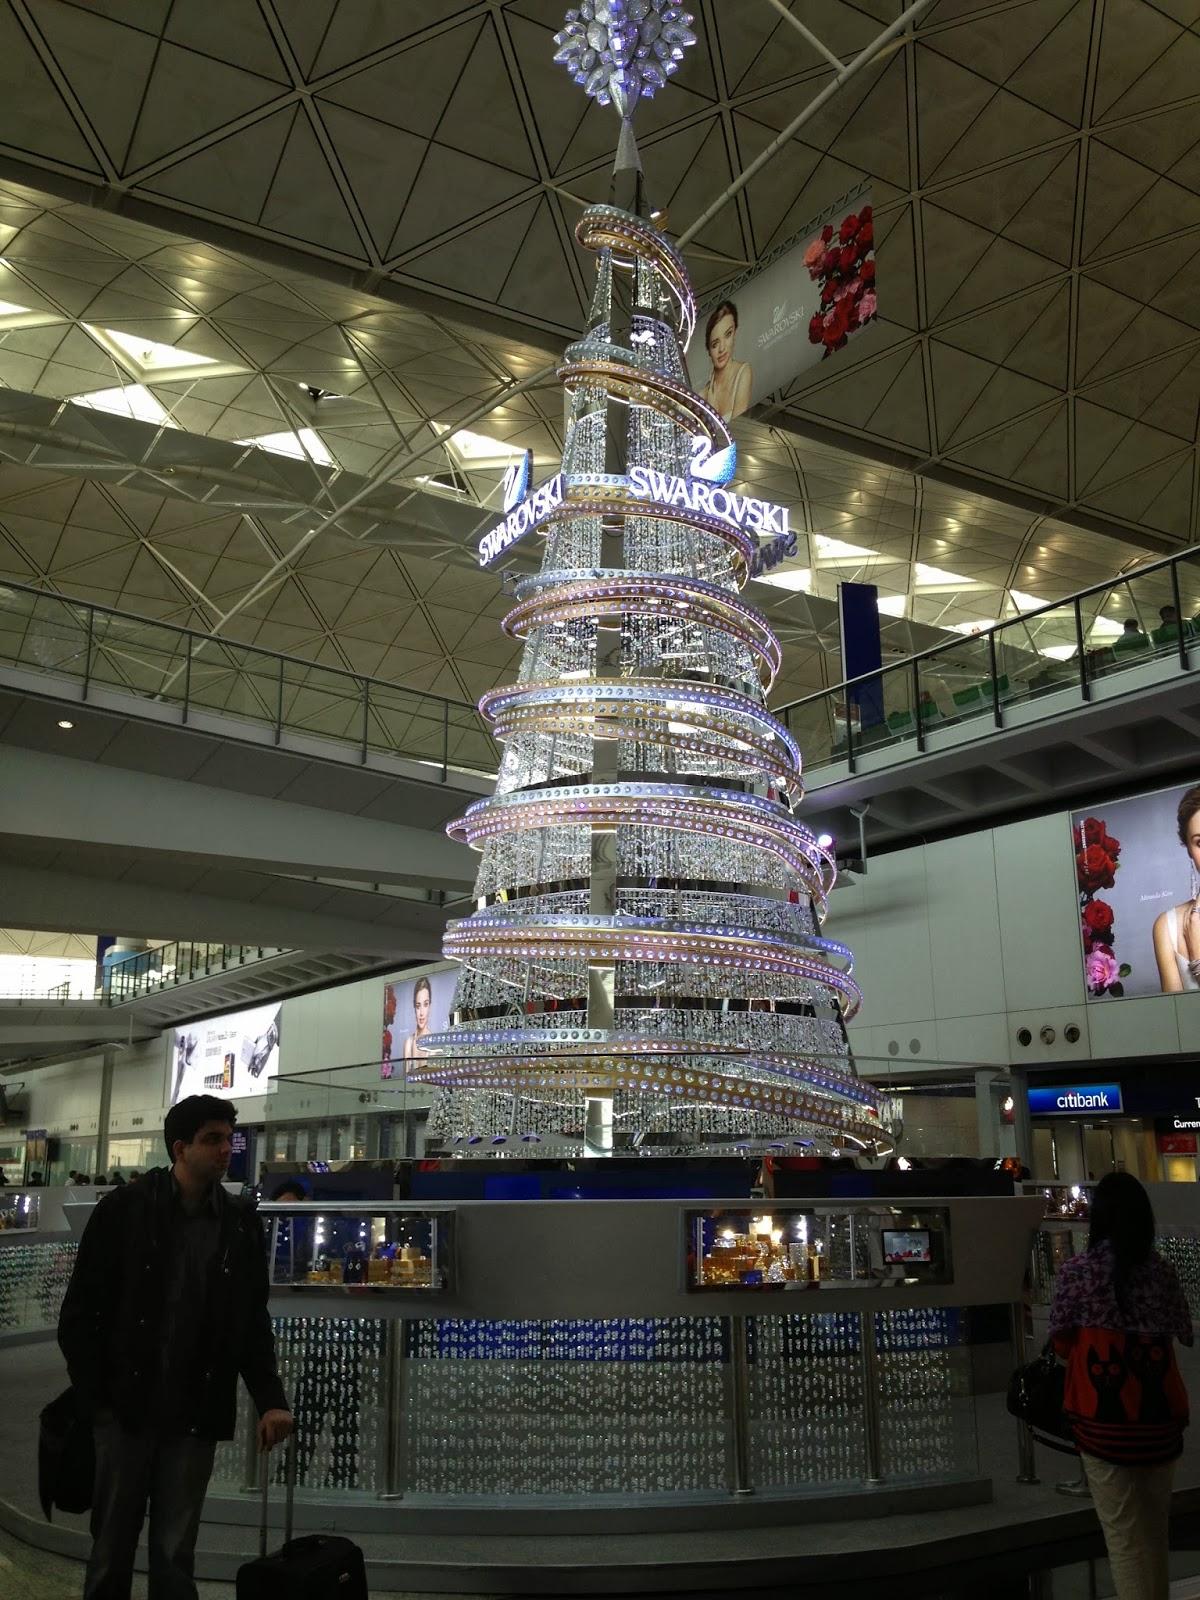 Swarovski Crystal Christmas Tree at Hong Kong Airport